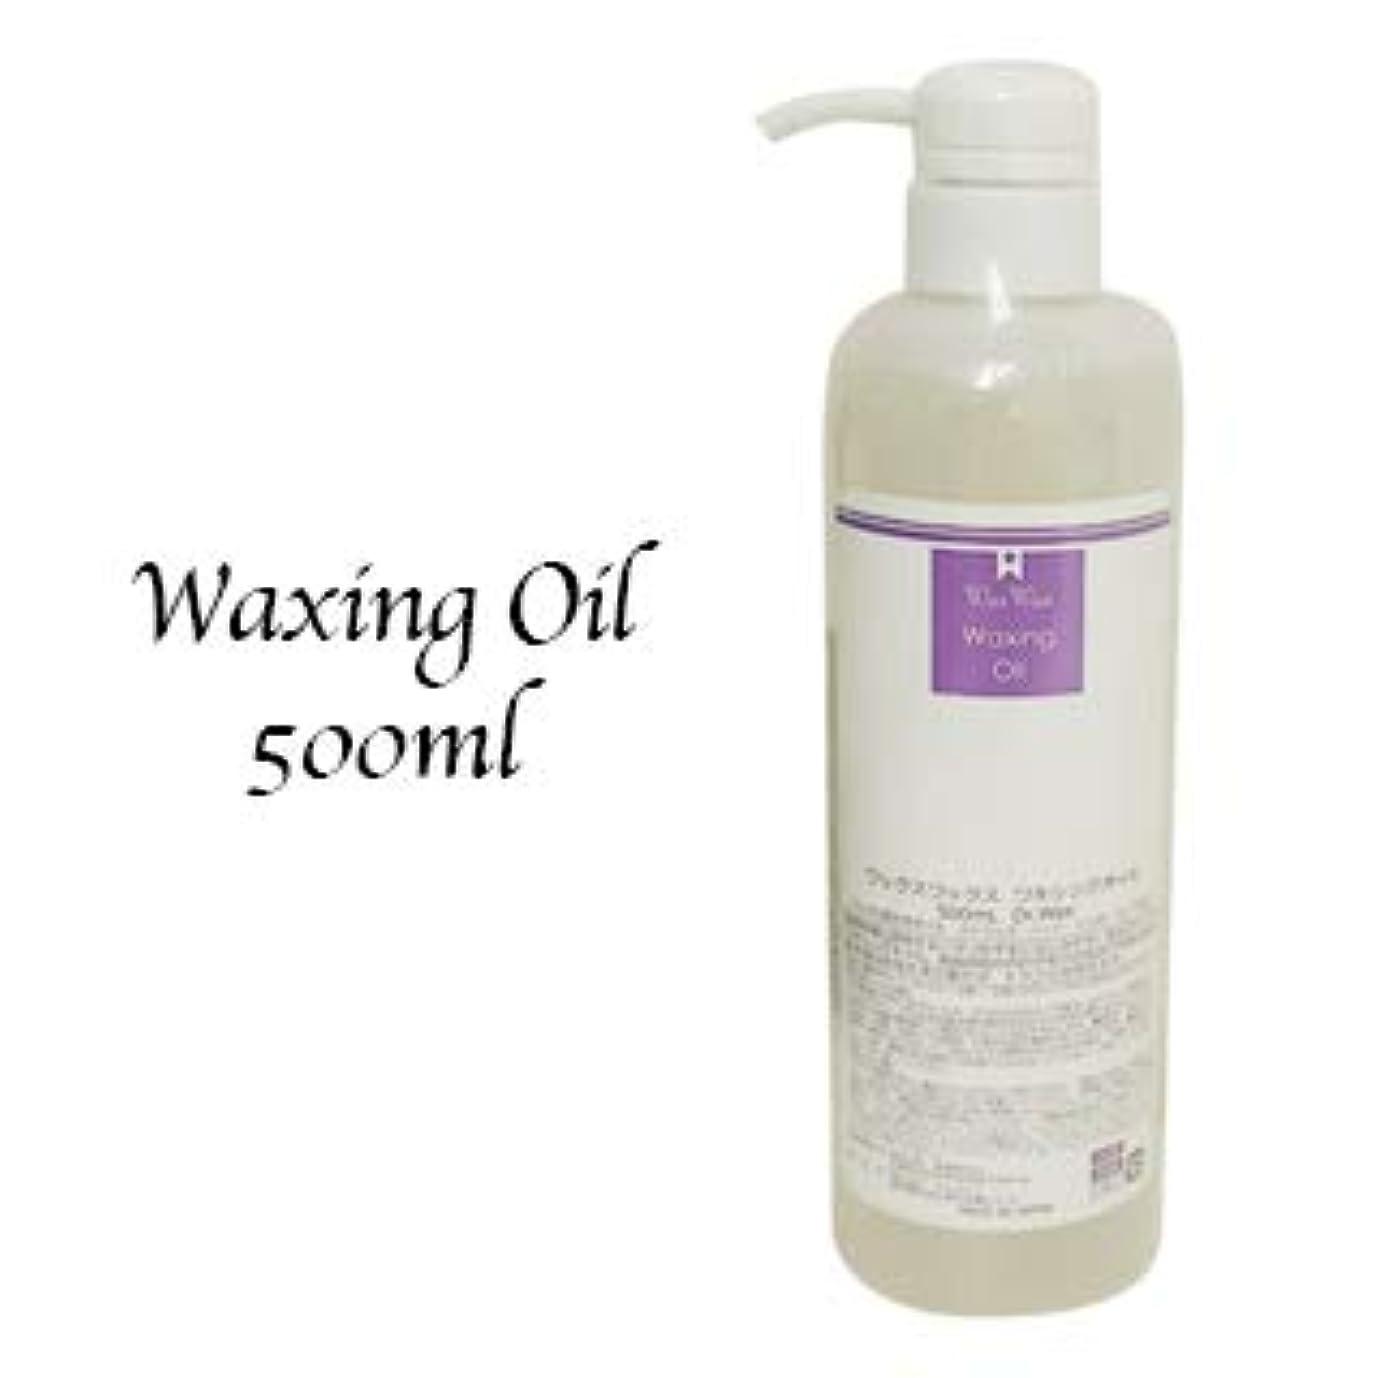 金額無駄な花火WaxWax ワキシングオイル500ml Dr.Wax